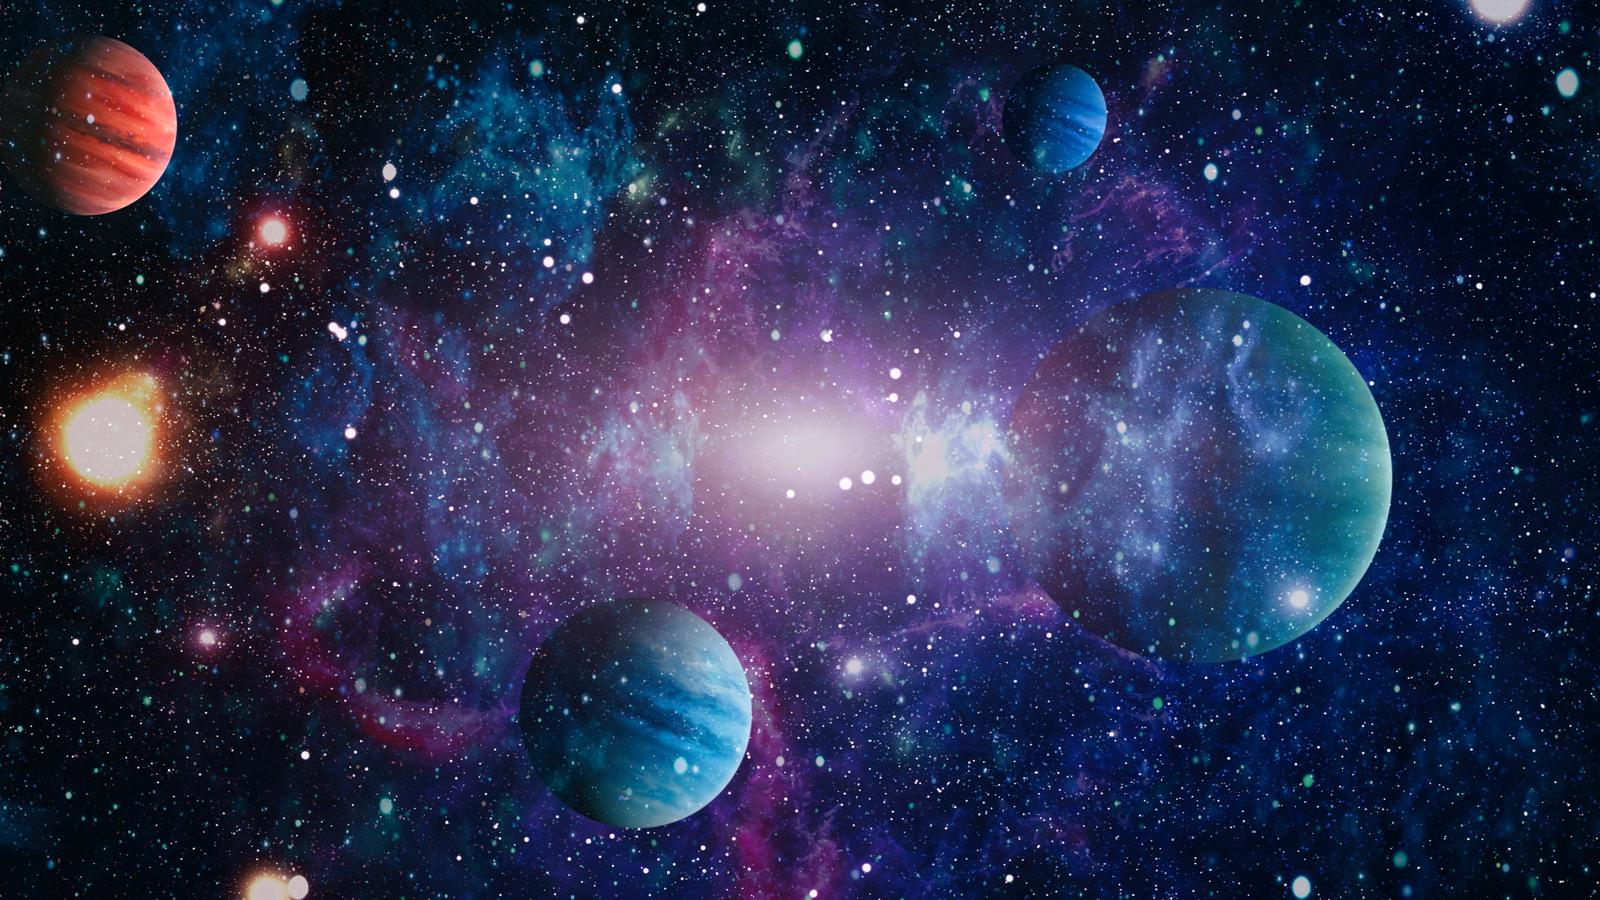 Các hành tinh, ngôi sao và thiên hà trong không gian bên ngoài thể hiện vẻ đẹp của việc khám phá không gian